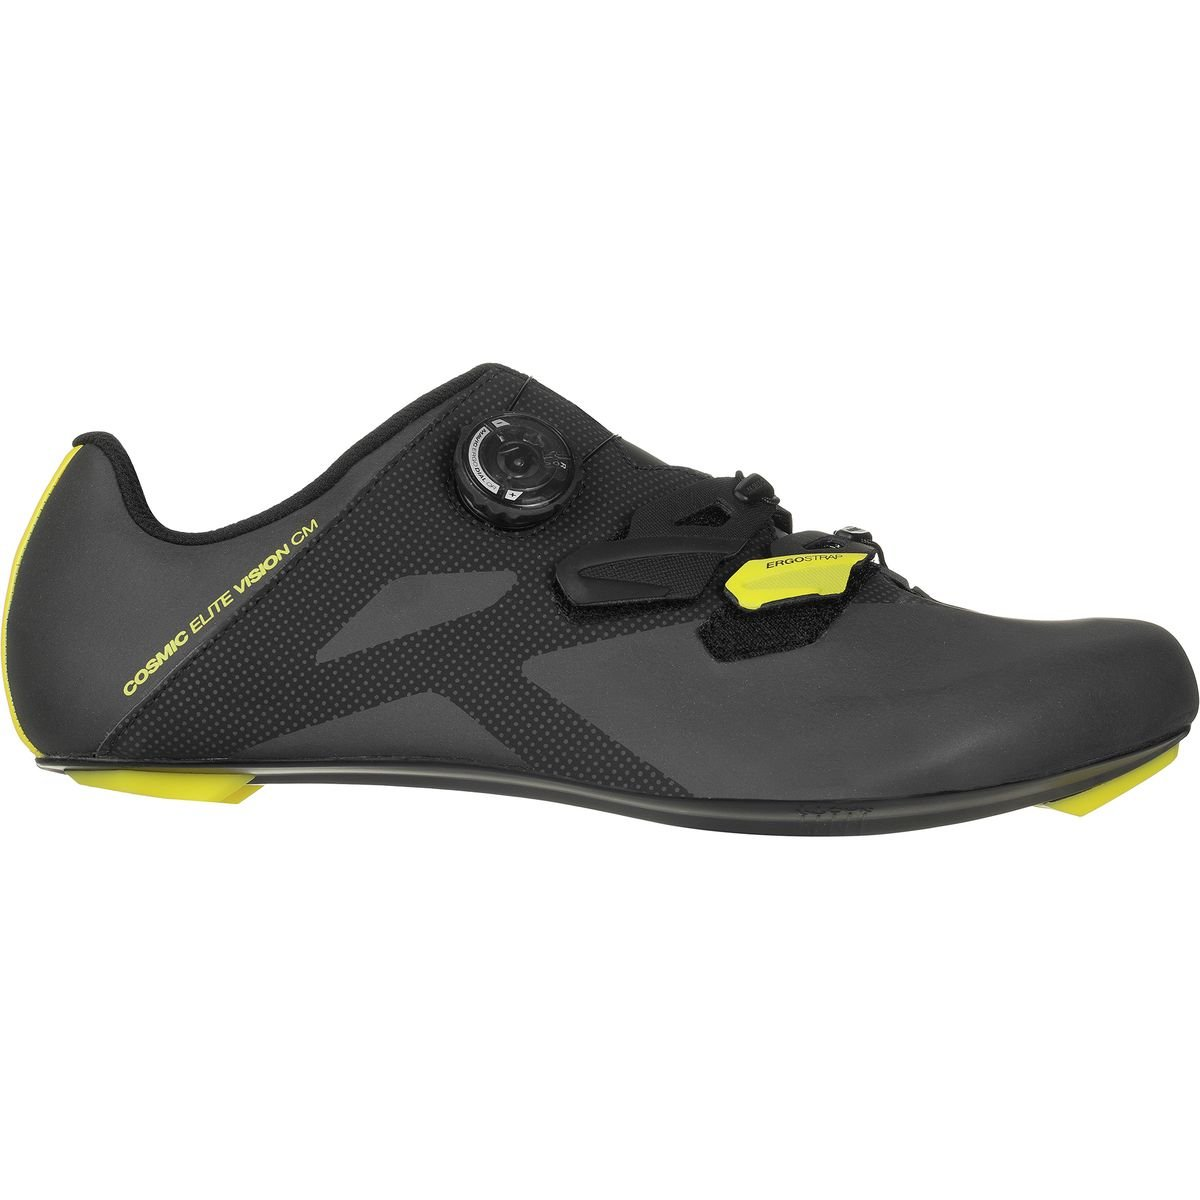 [マビック] メンズ サイクリング Cosmic Elite Vision CM Cycling Shoe [並行輸入品] US-12.5/UK-12.0  B07P26VH2K